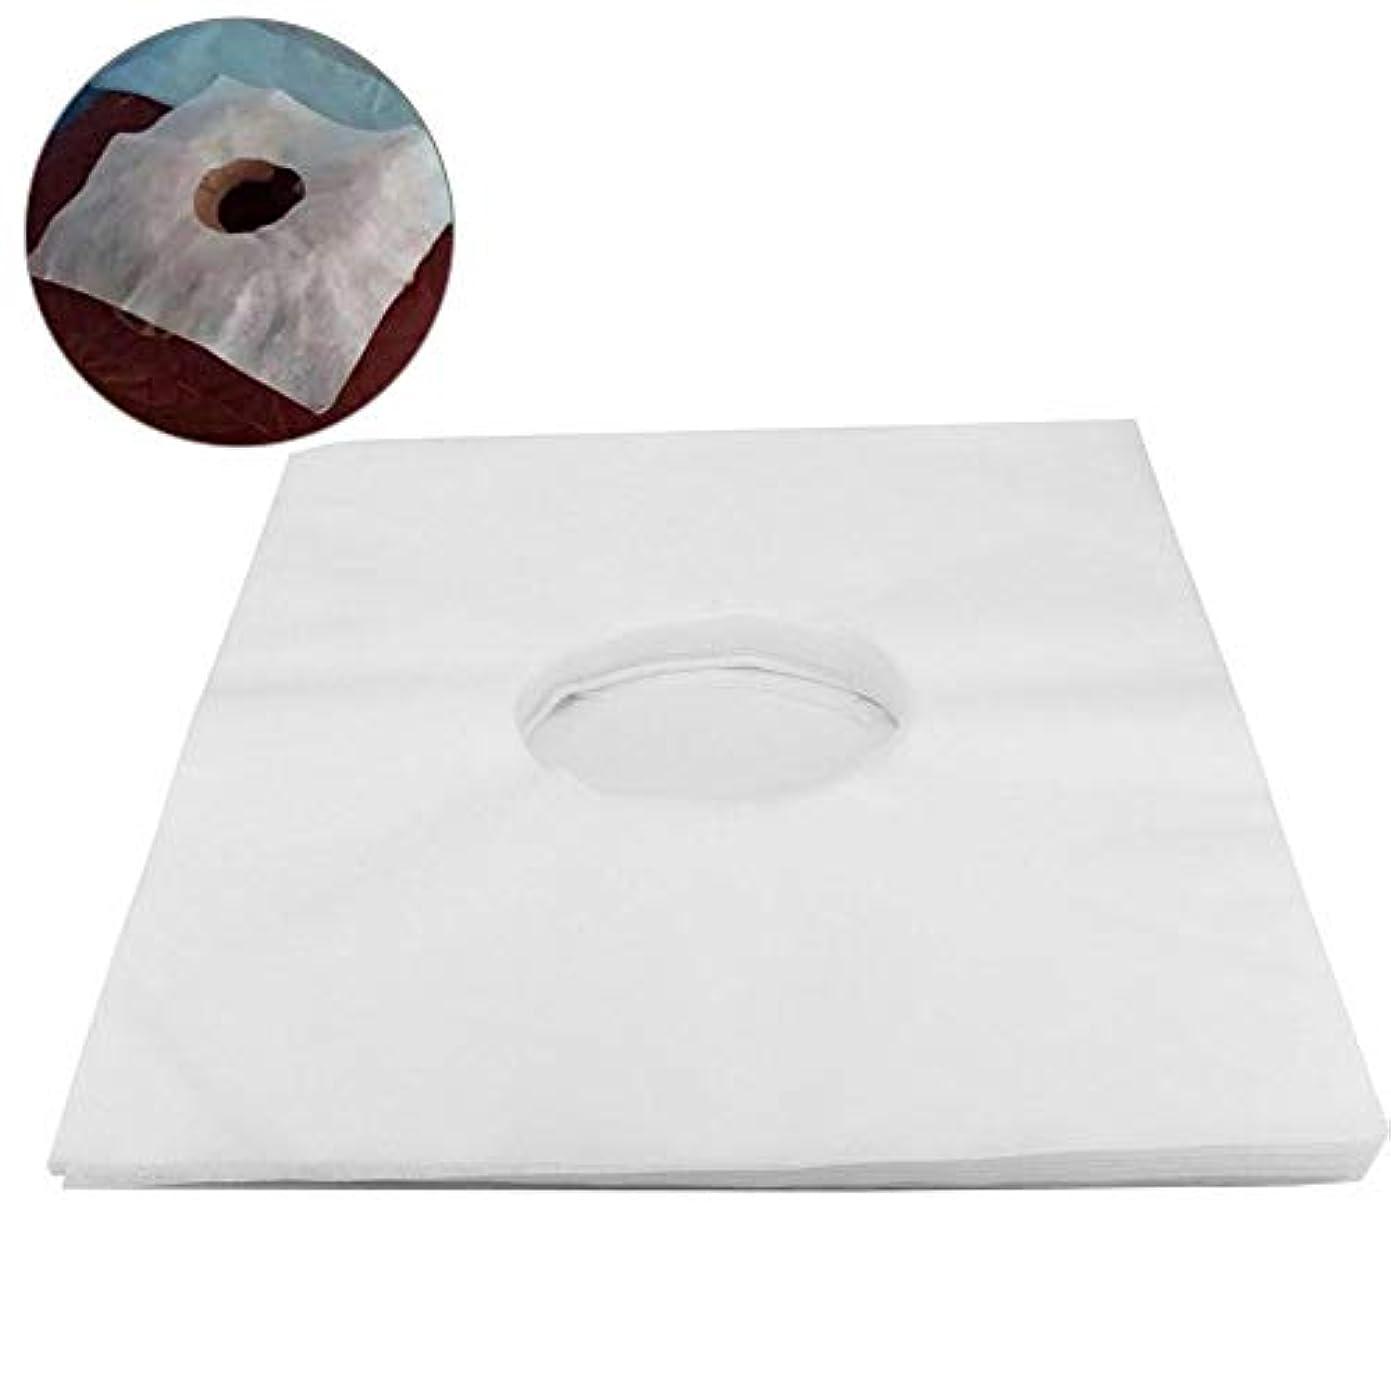 靄平野トレイ使い捨て美容院のベッドの顔の穴カバー(白)